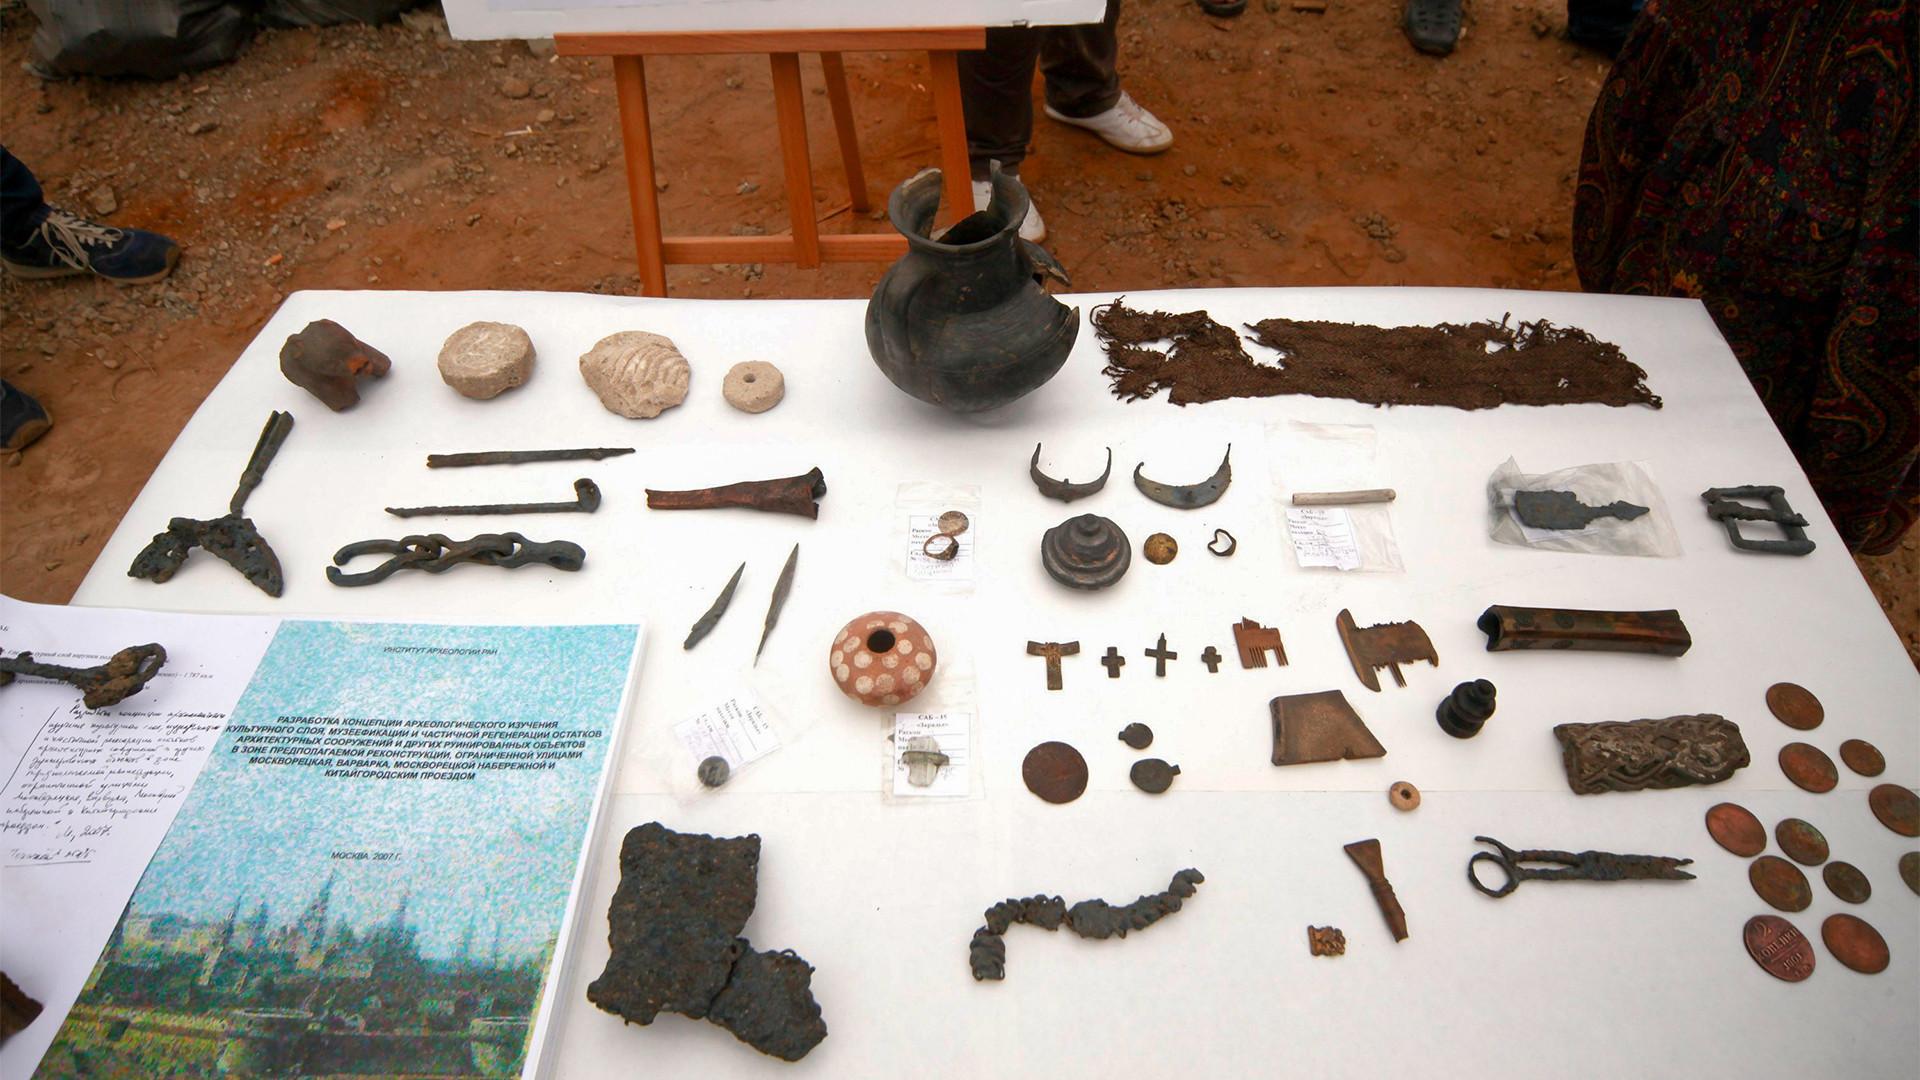 Artefatos encontrados durante a construção resultaram em museu arqueológico no parque.